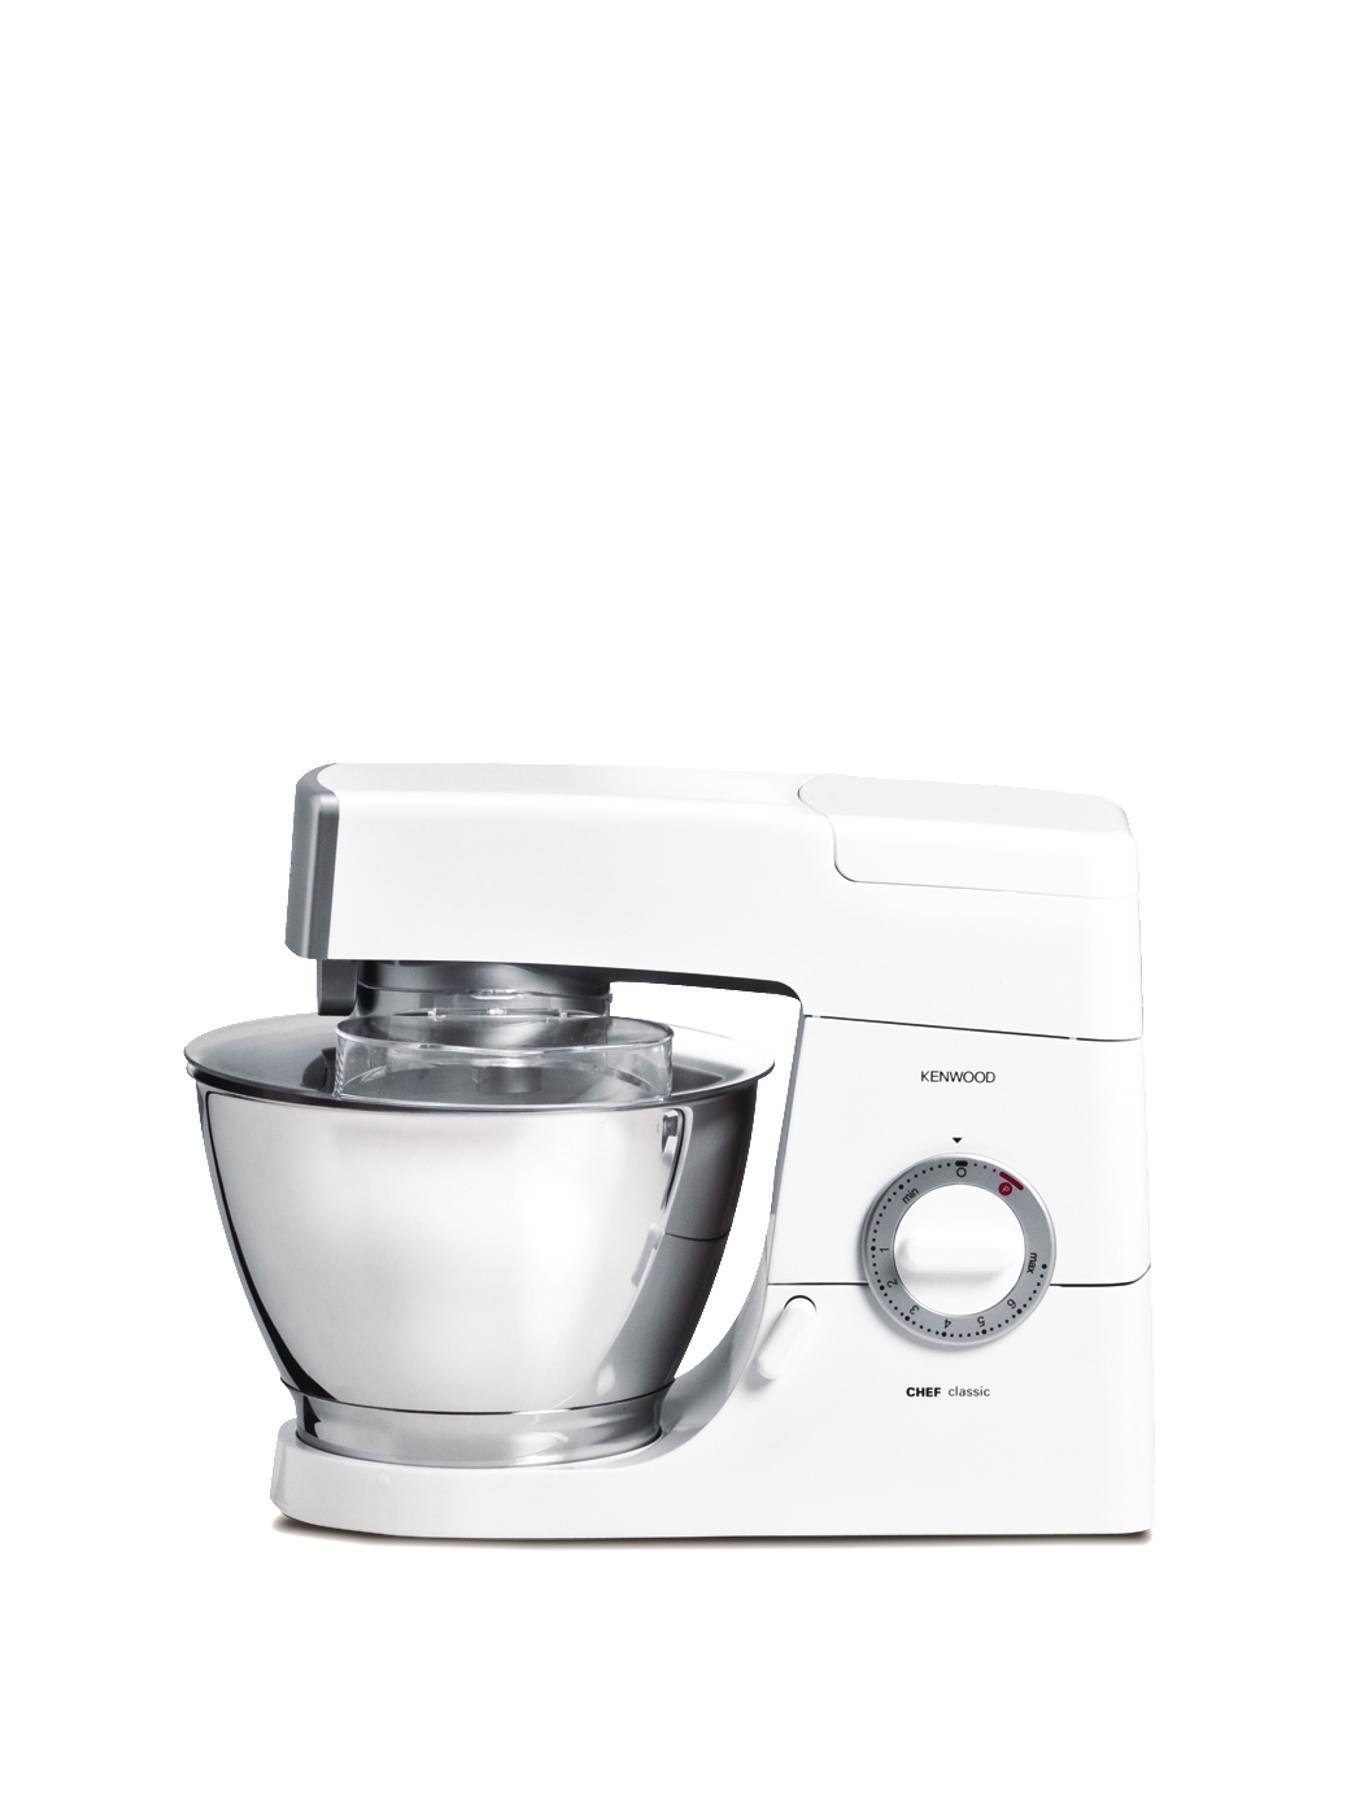 KM336 800 Watt Chef Classic